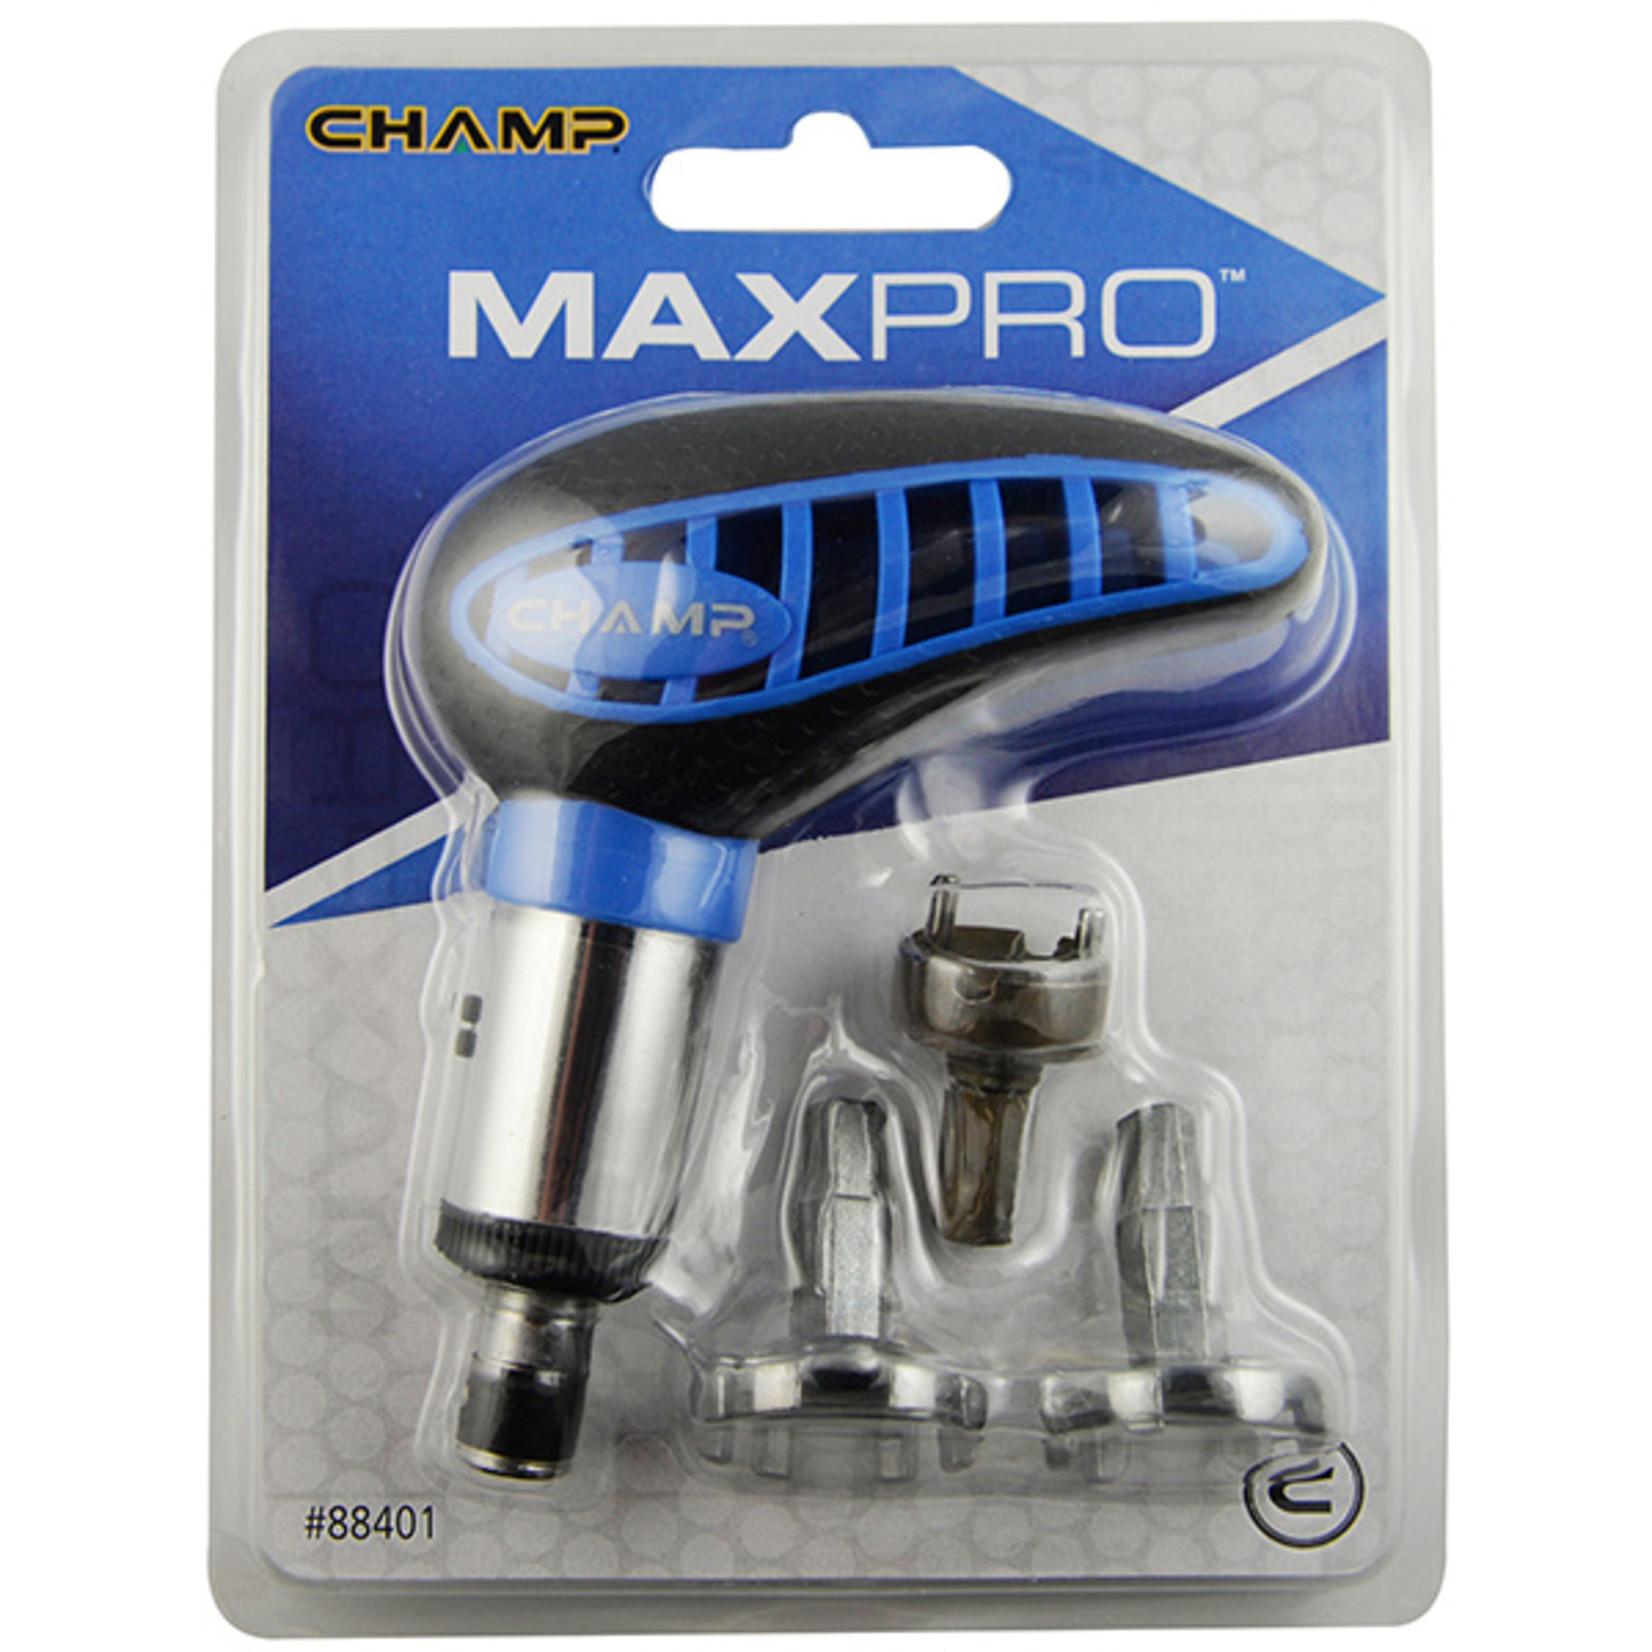 Champ Champ MaxPro Wrench